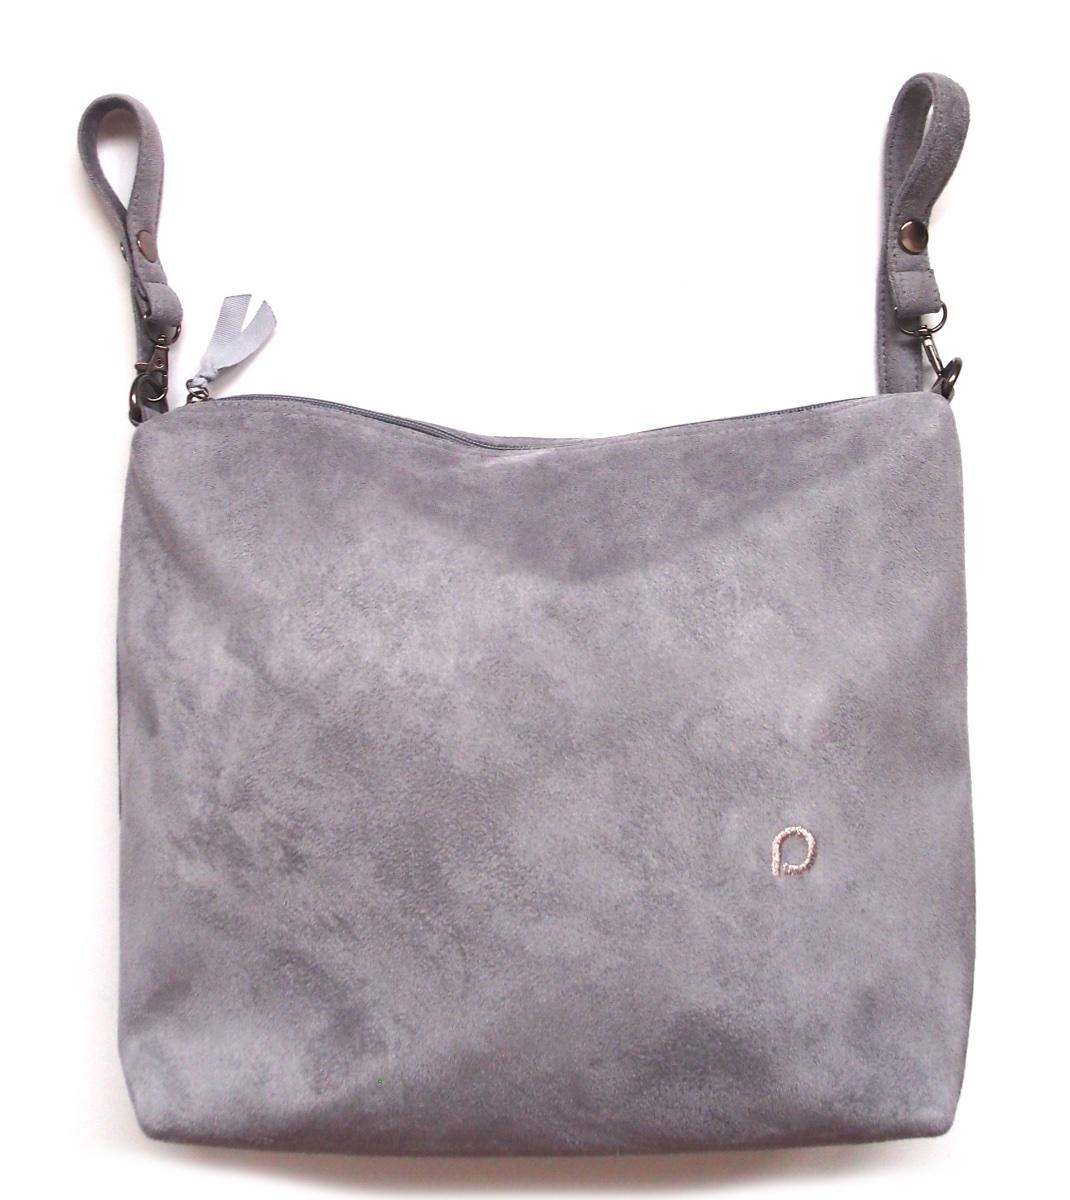 kliknutít zobrazíte maximální velikost obrázku malá taška Suede Grey